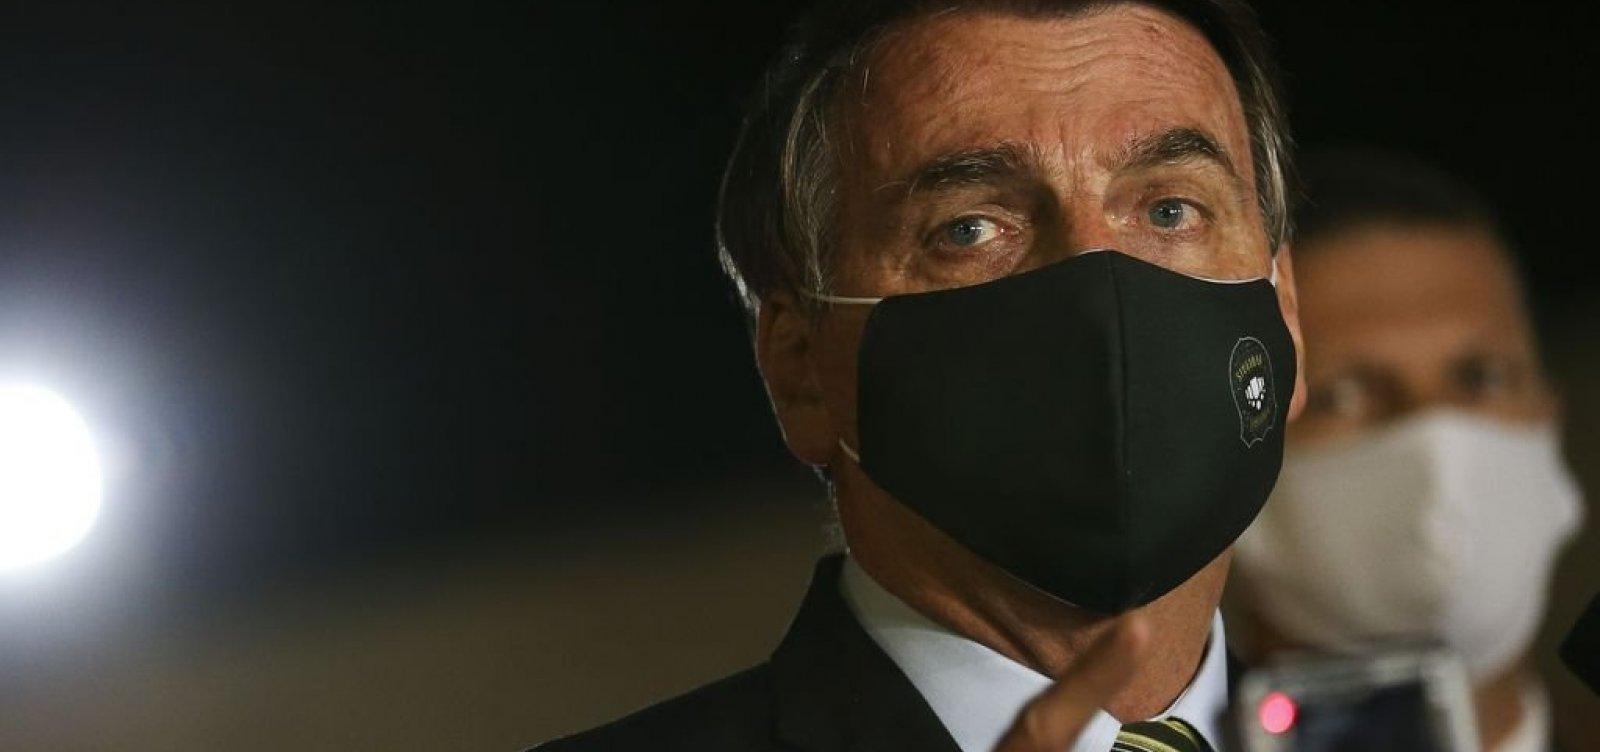 ['Se coloca no meu lugar. Passa por cima do Supremo?', diz Bolsonaro a apoiador um dia após criticar decisões da Corte]